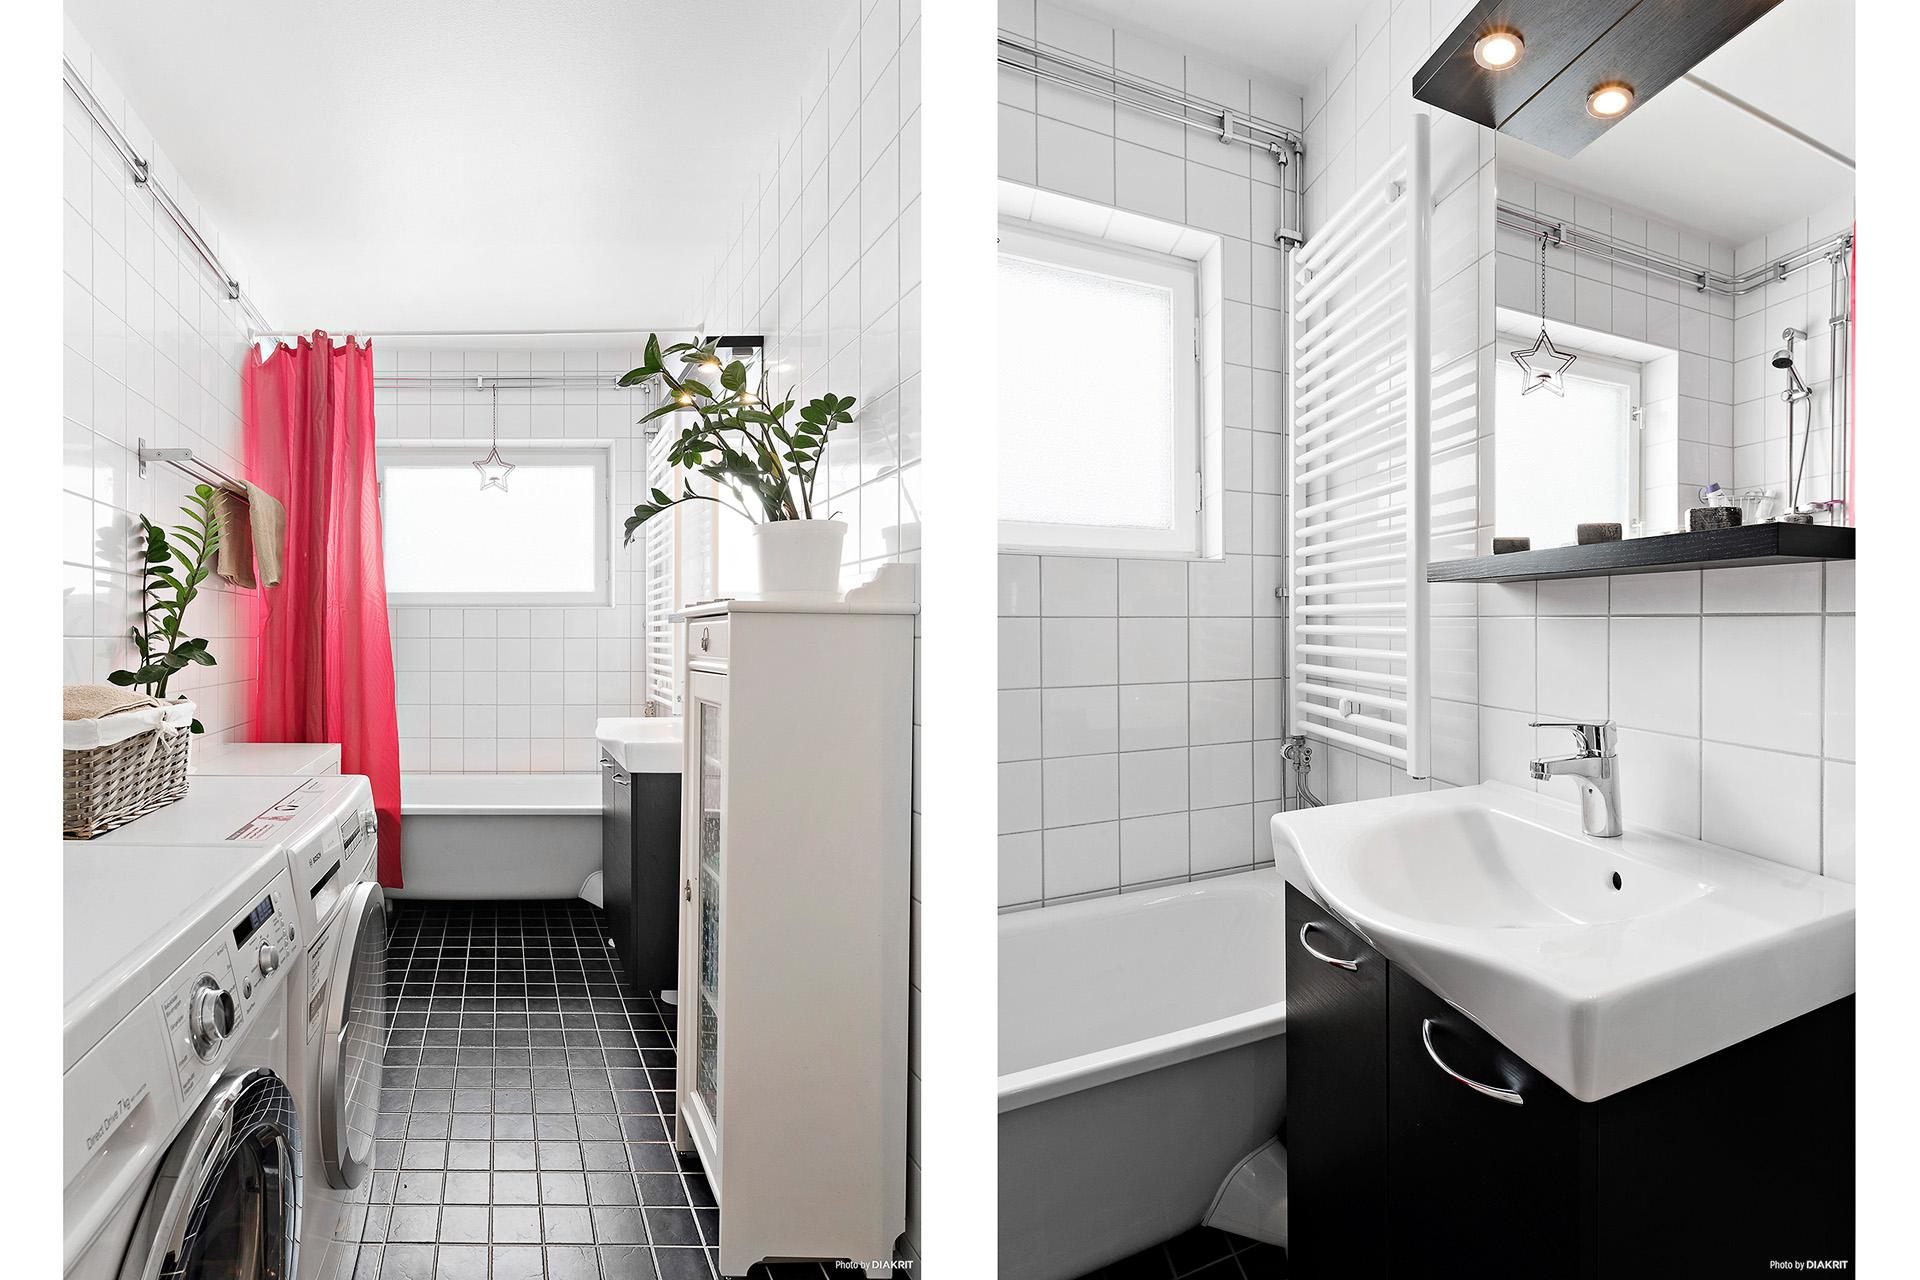 Badrum renoverat 2013 i bostadsrättsföreningens regi